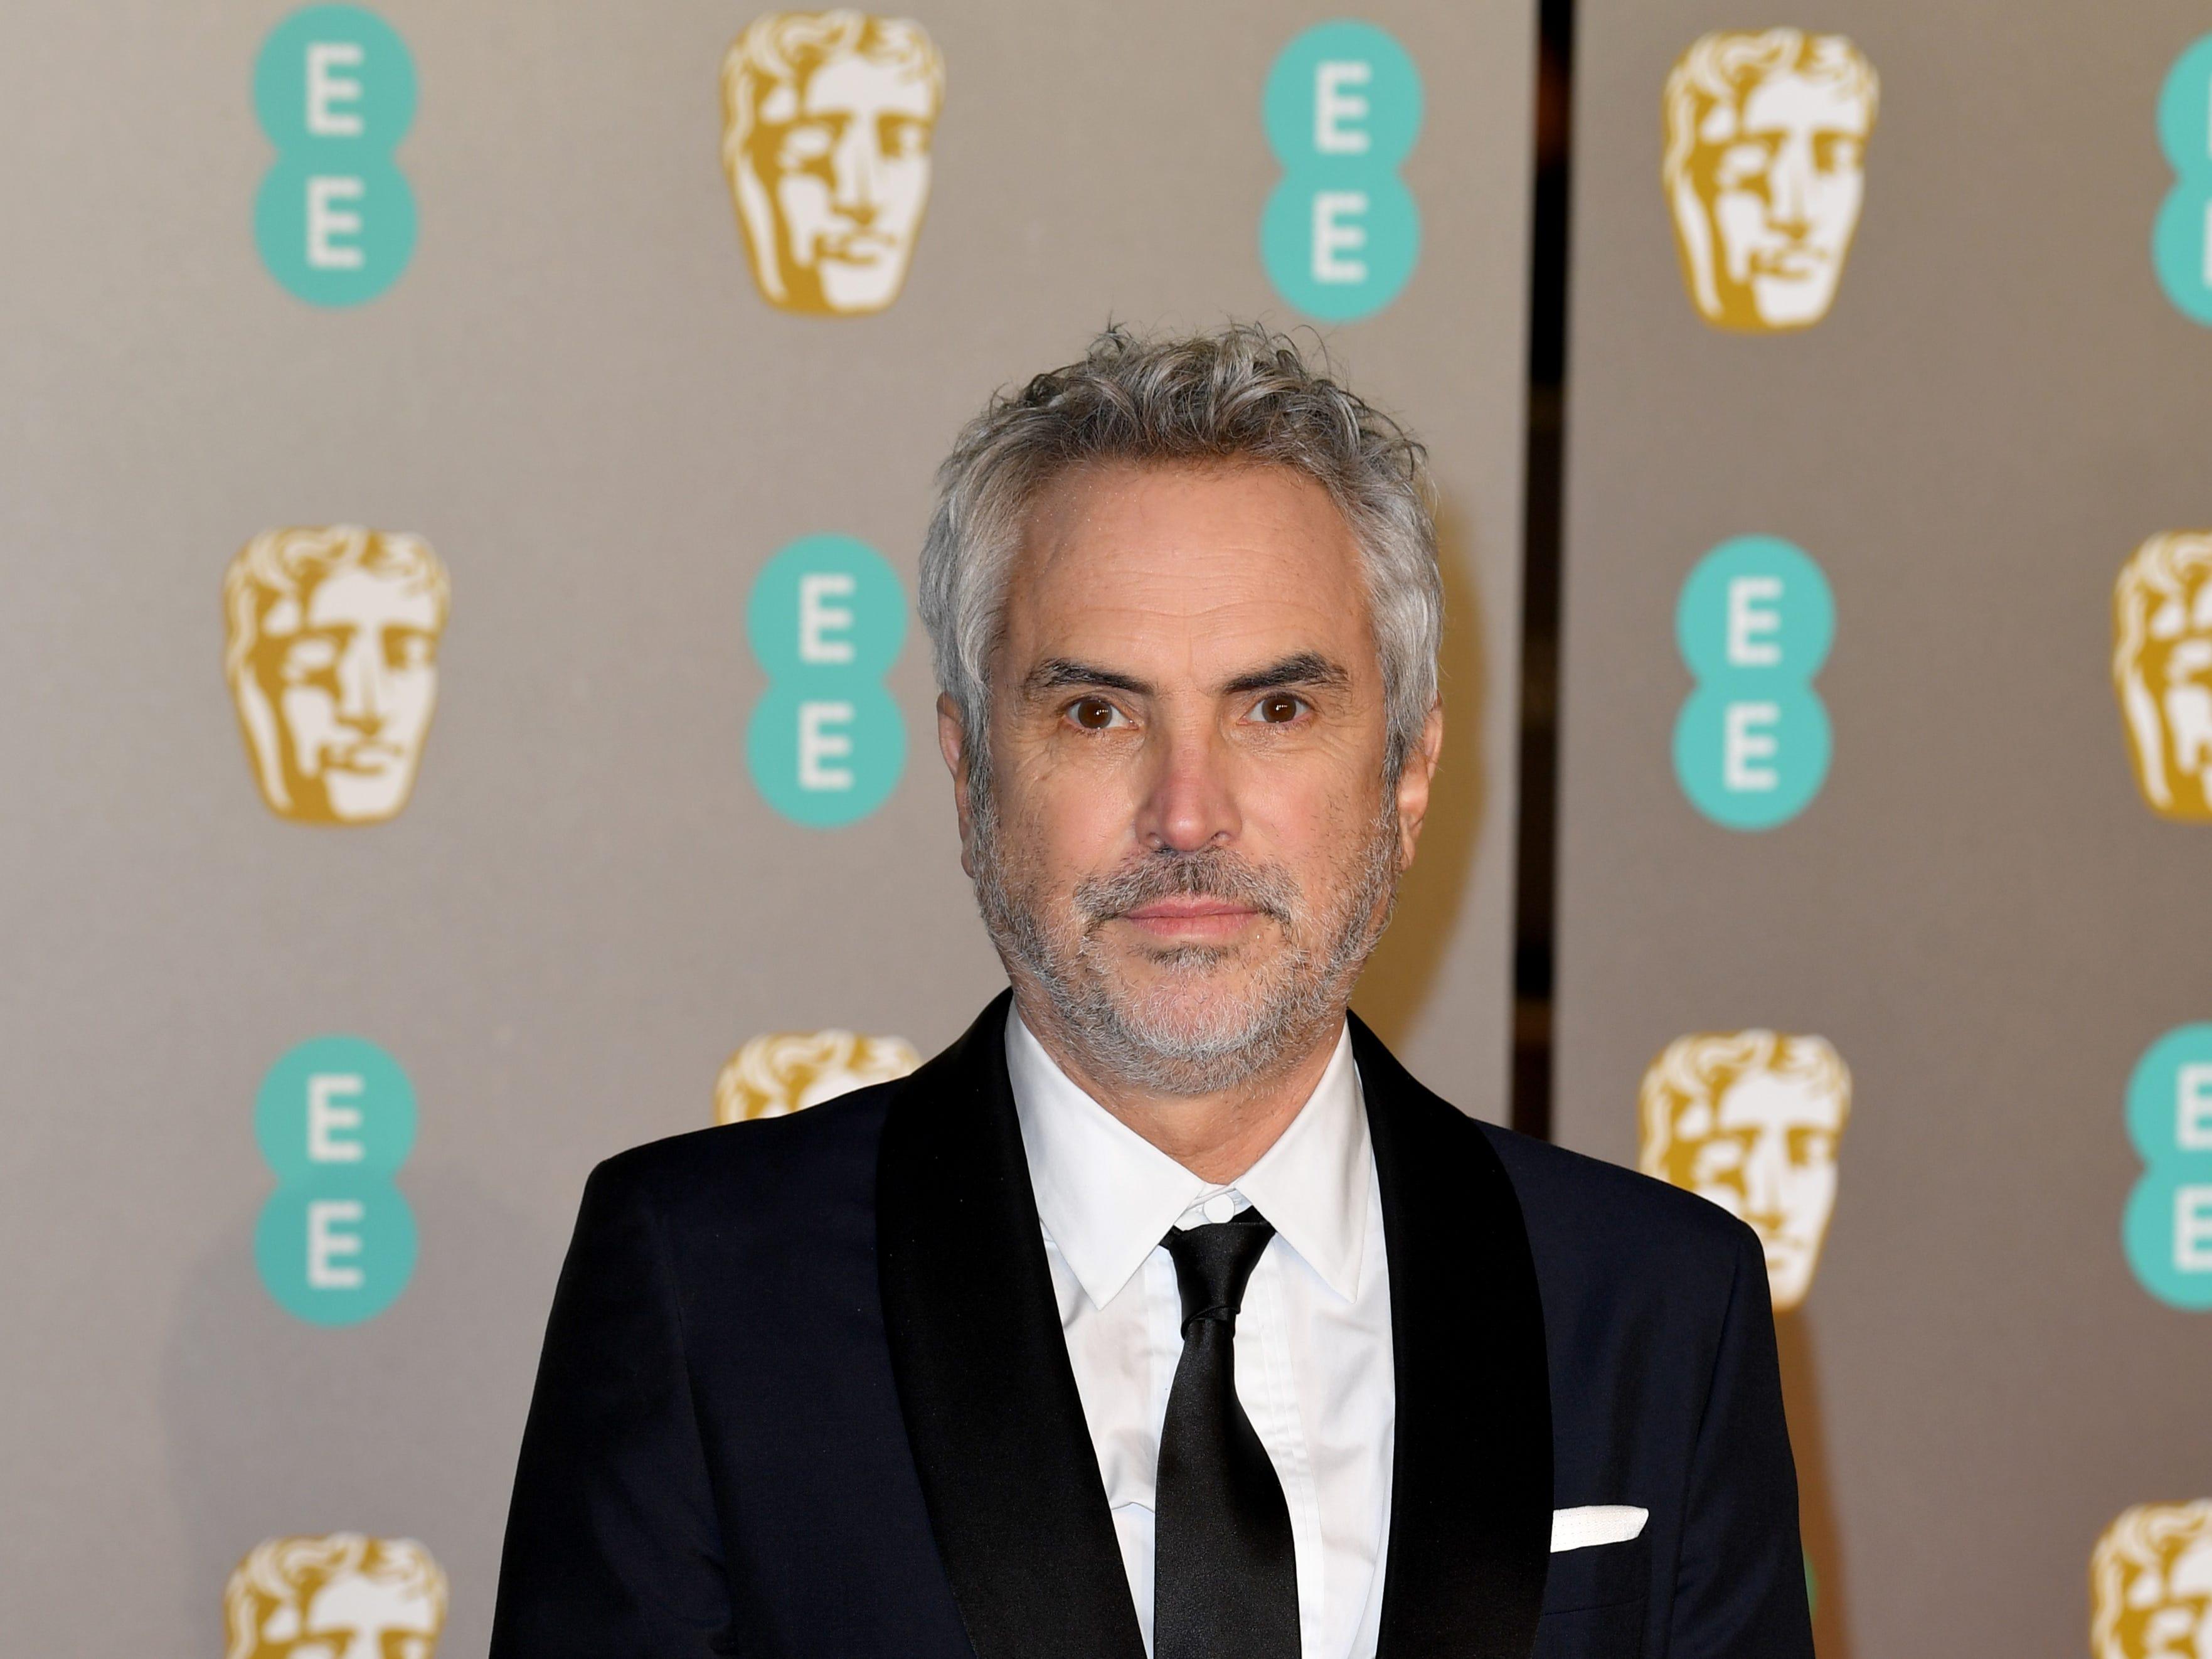 El director Alfonso Cuarón a su llegada a la alfombra roja de los Premios de la Academia Británica de Cine BAFTA en el Royal Albert Hall en Londres el 10 de febrero de 2019.